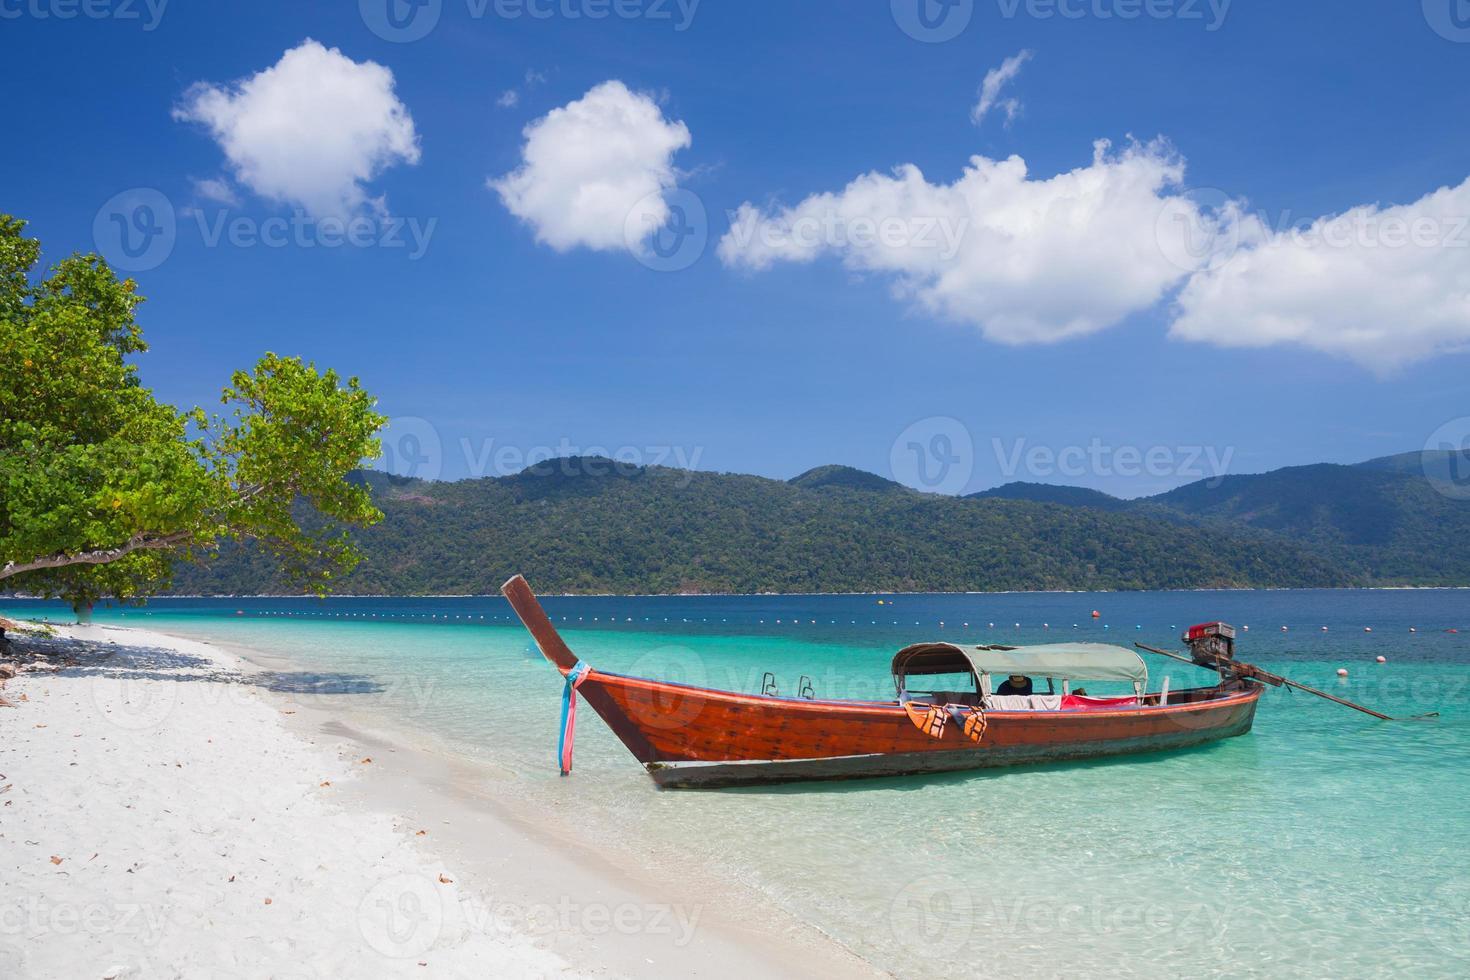 un bote largo en una playa tropical foto